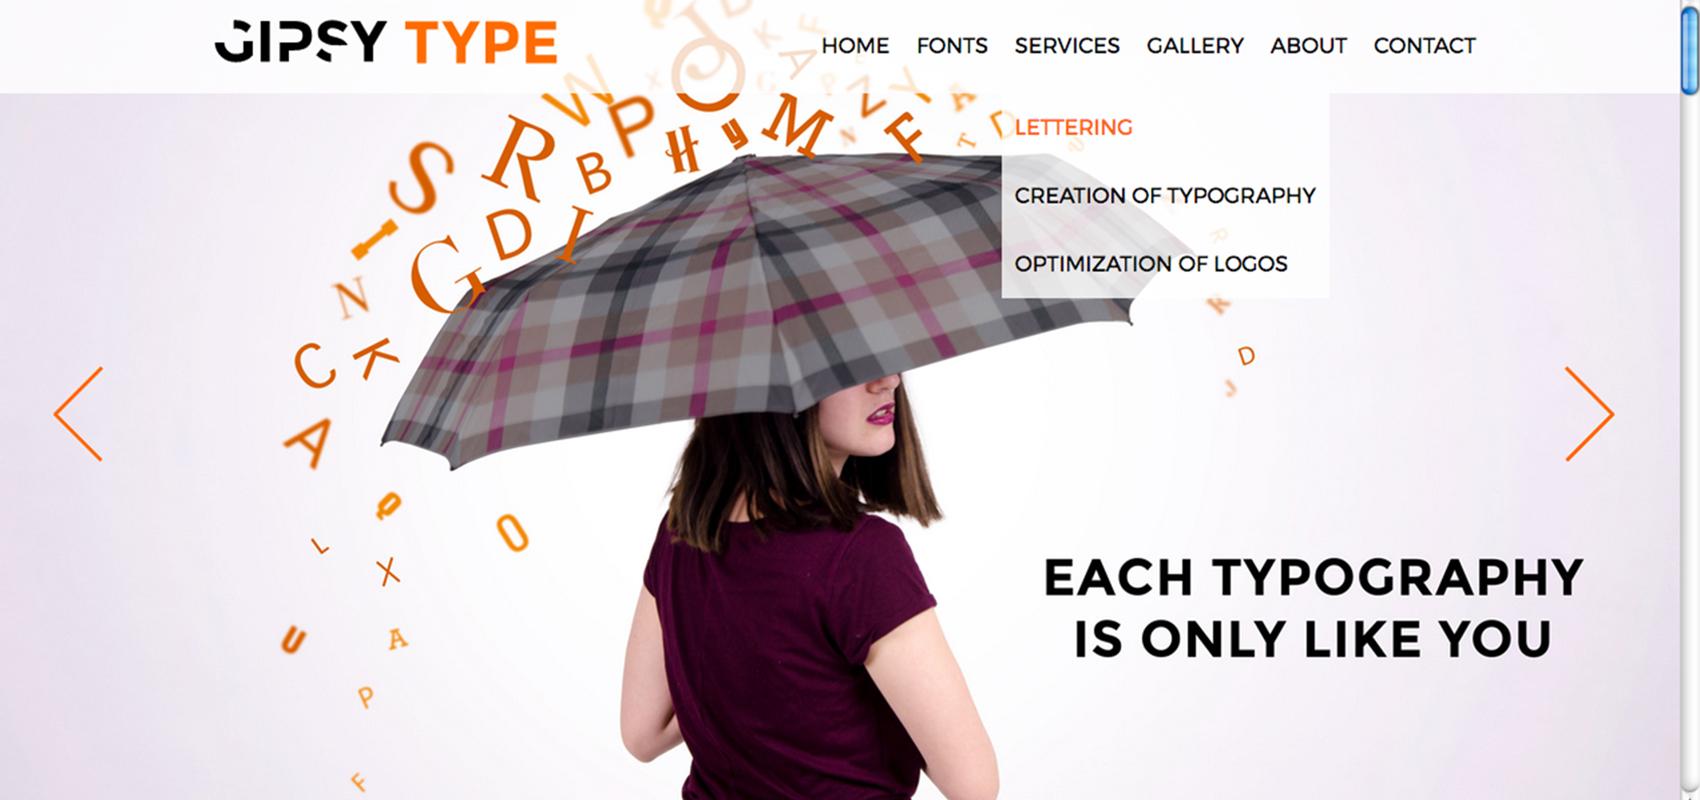 Projecte Gipsytype Manel Rivera